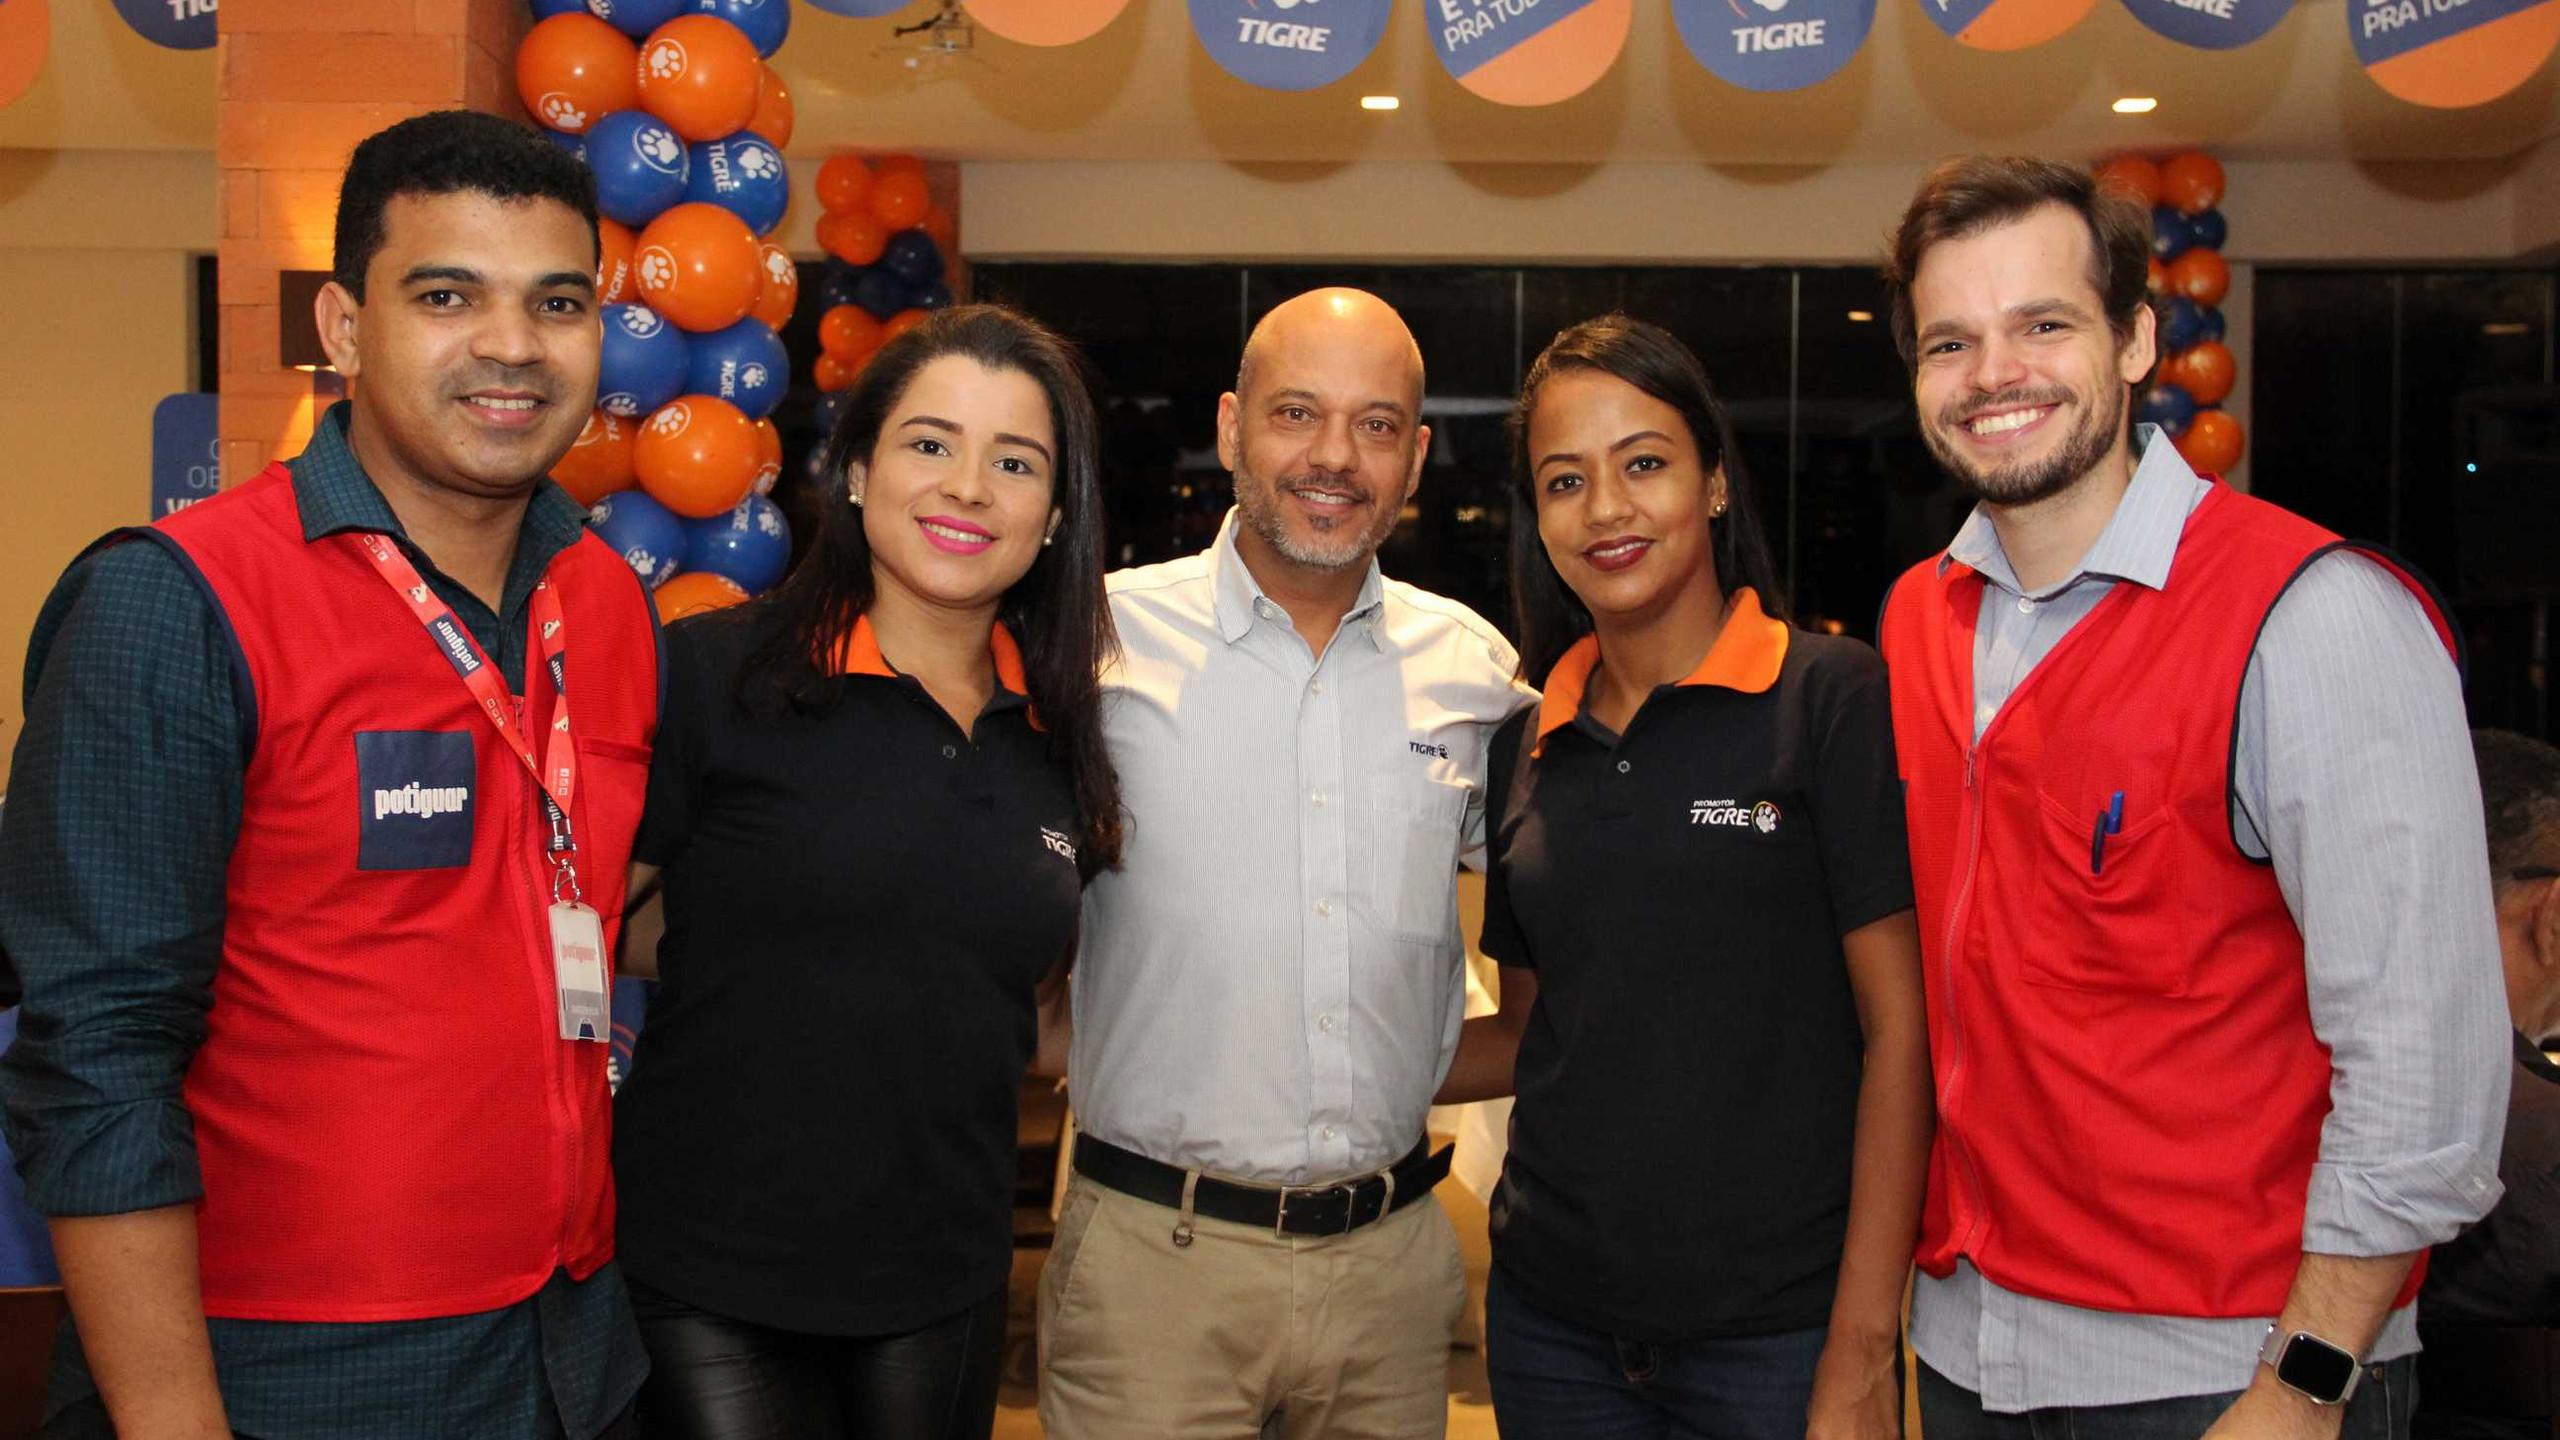 Anderson Penha, Alessandra, Roberto Abreu e Suzy (Tigre) e Rafael Salomoni (Potiguar).